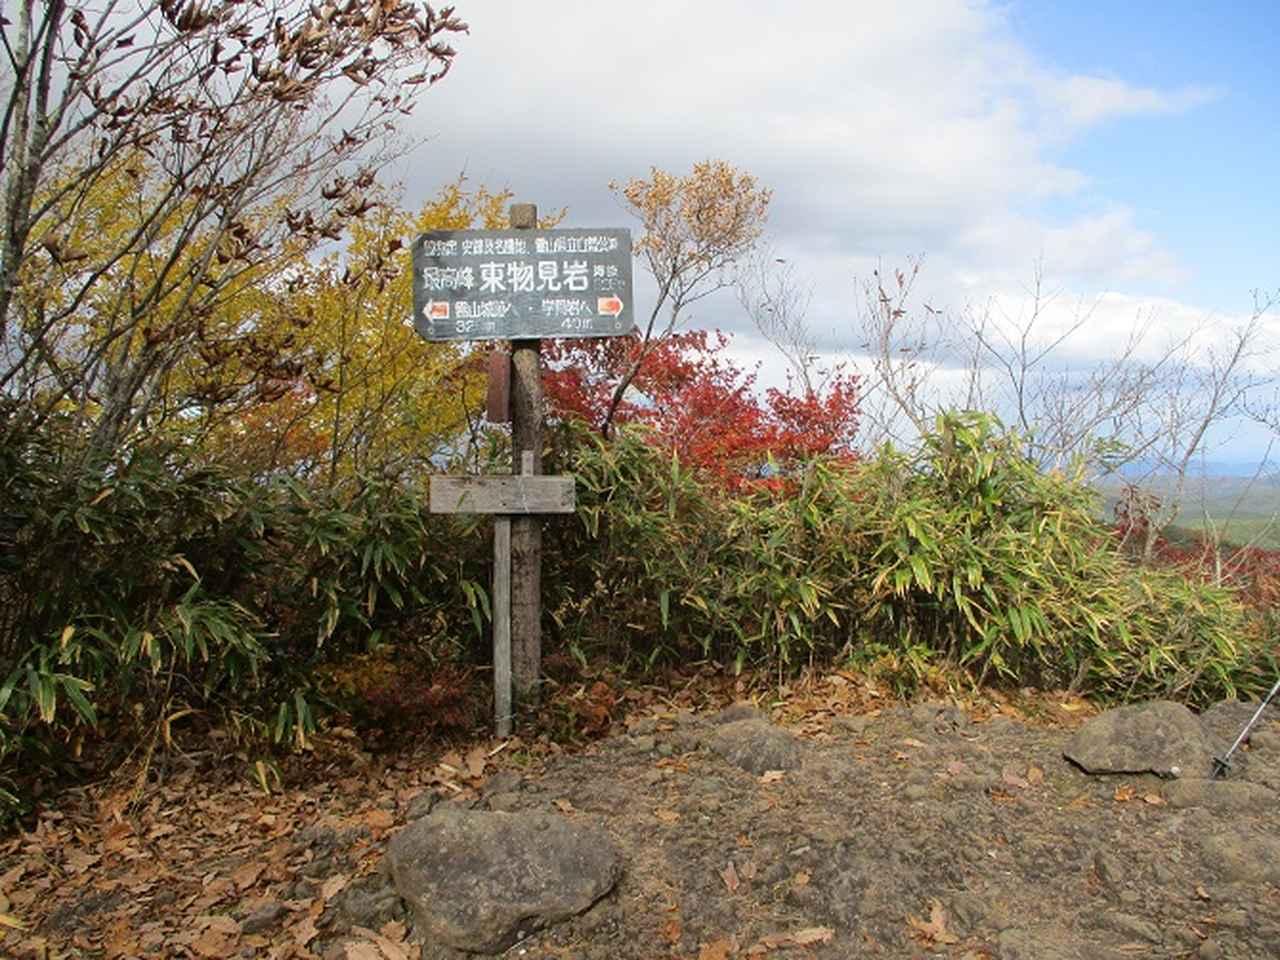 画像8: 【山旅会・登山ガイドこだわりツアー】岡田ガイドからの便り・霊山ツアーにいってまいりました!